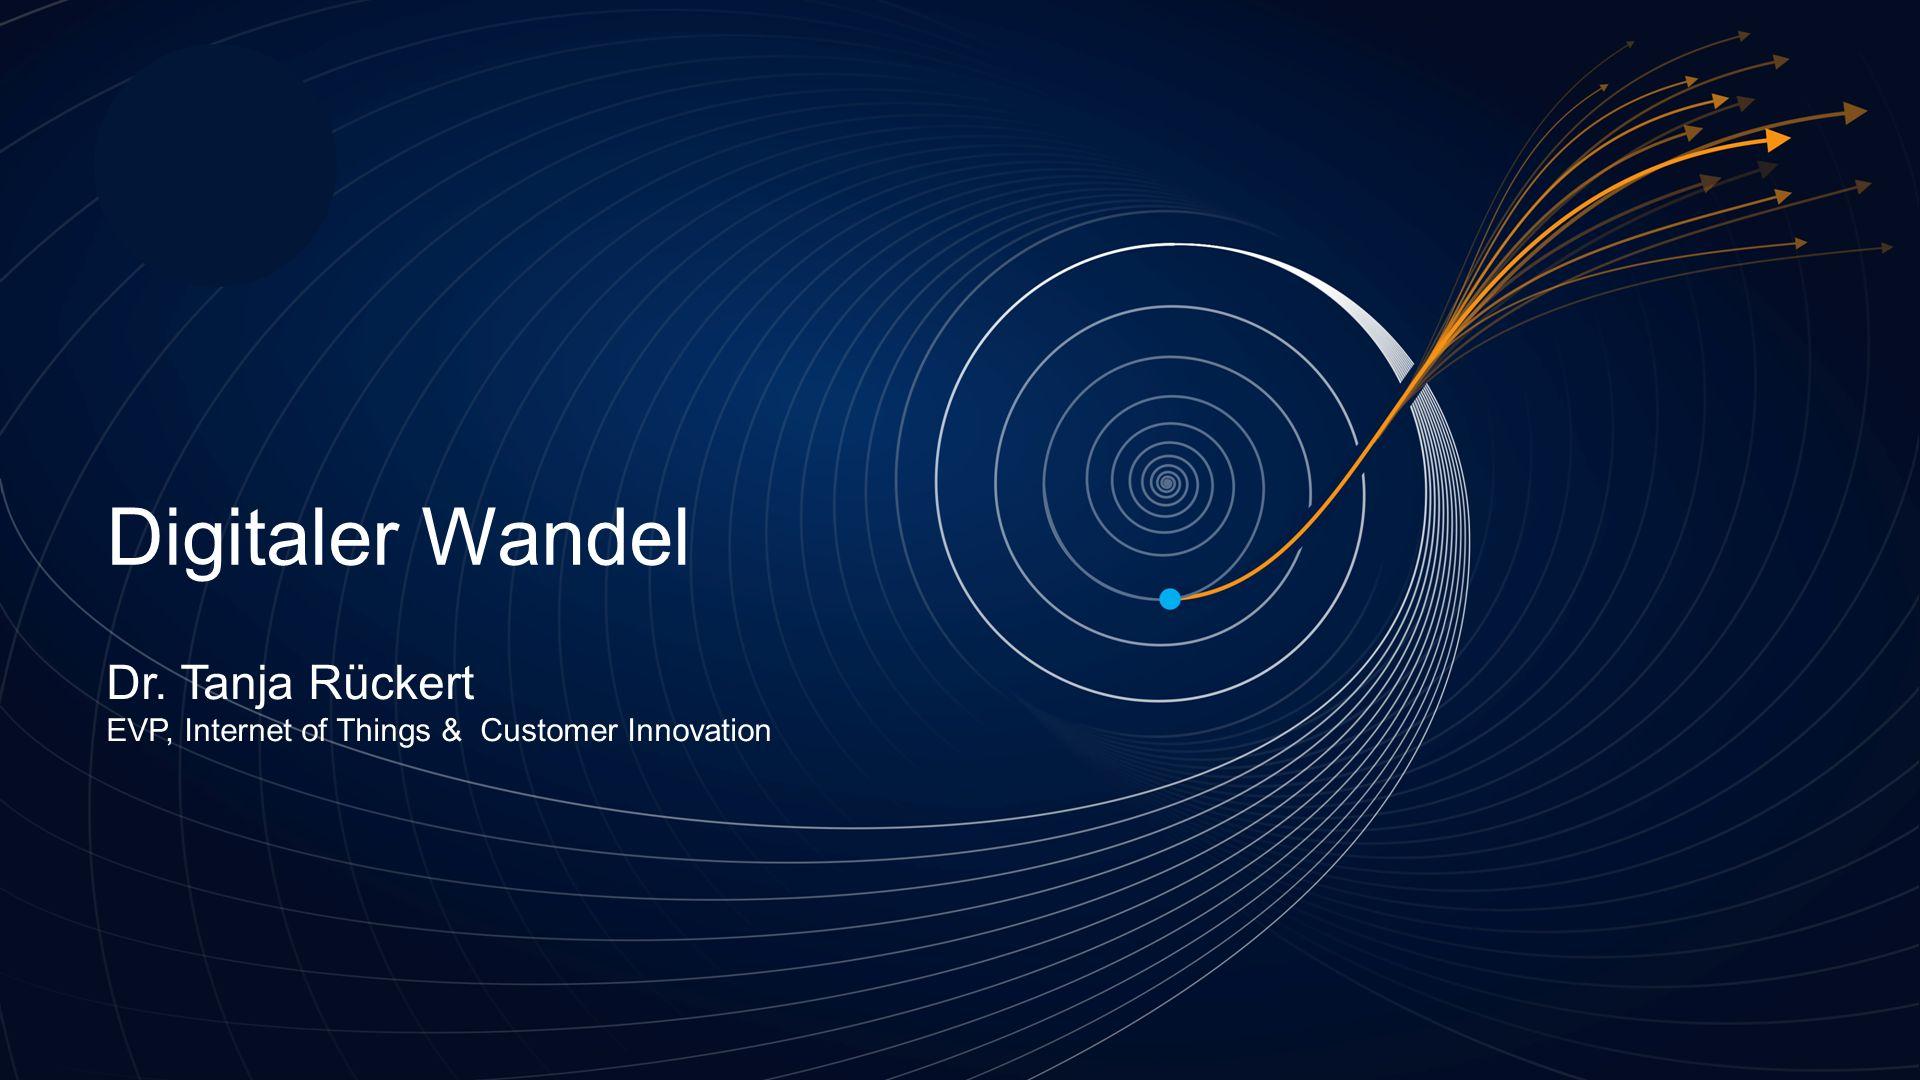 Digitaler Wandel Dr. Tanja Rückert EVP, Internet of Things & Customer Innovation